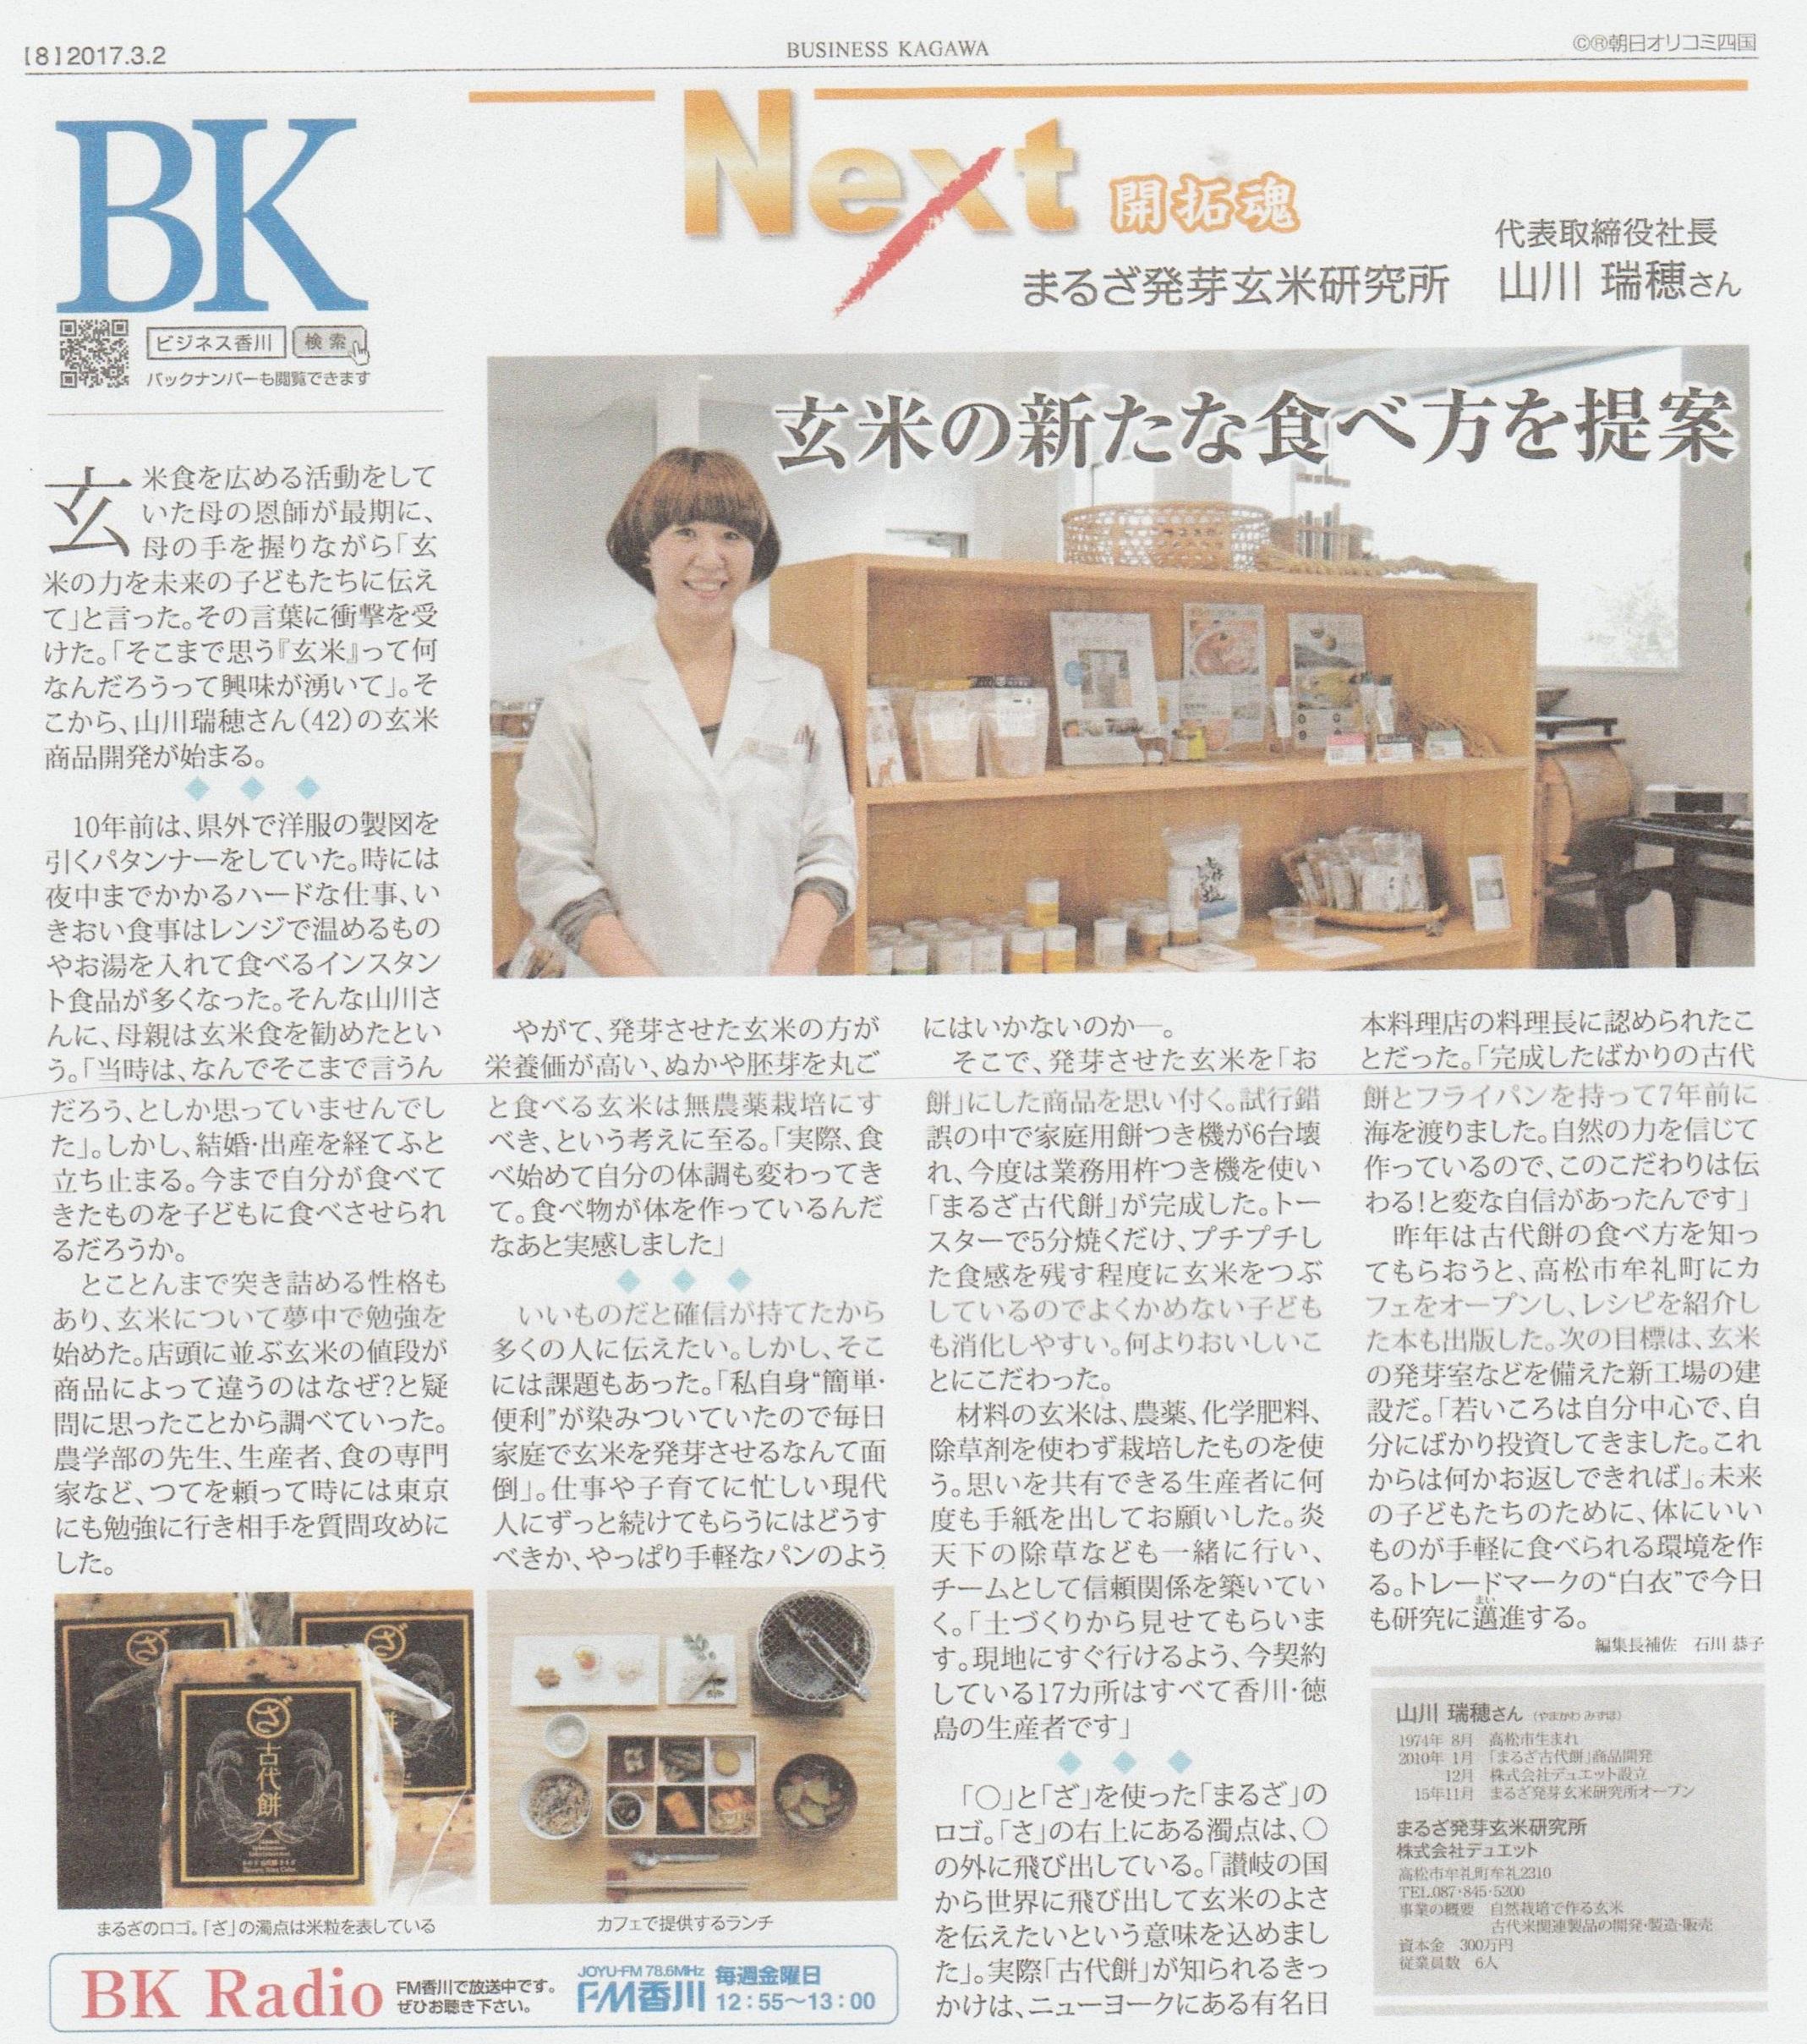 ビジネス香川3